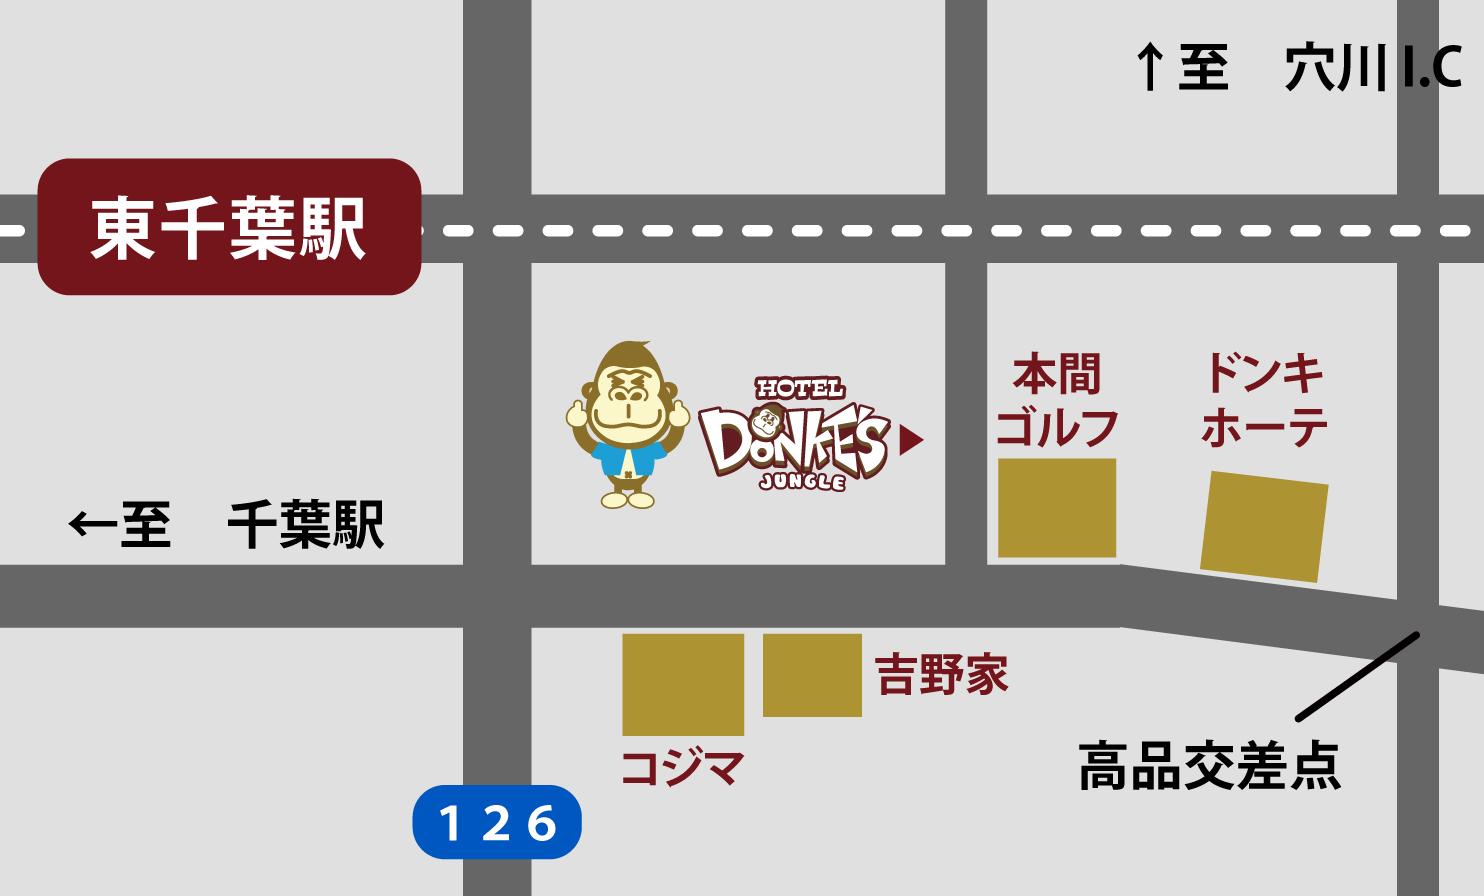 ホテル ドンキーズジャングルのアクセスマップ